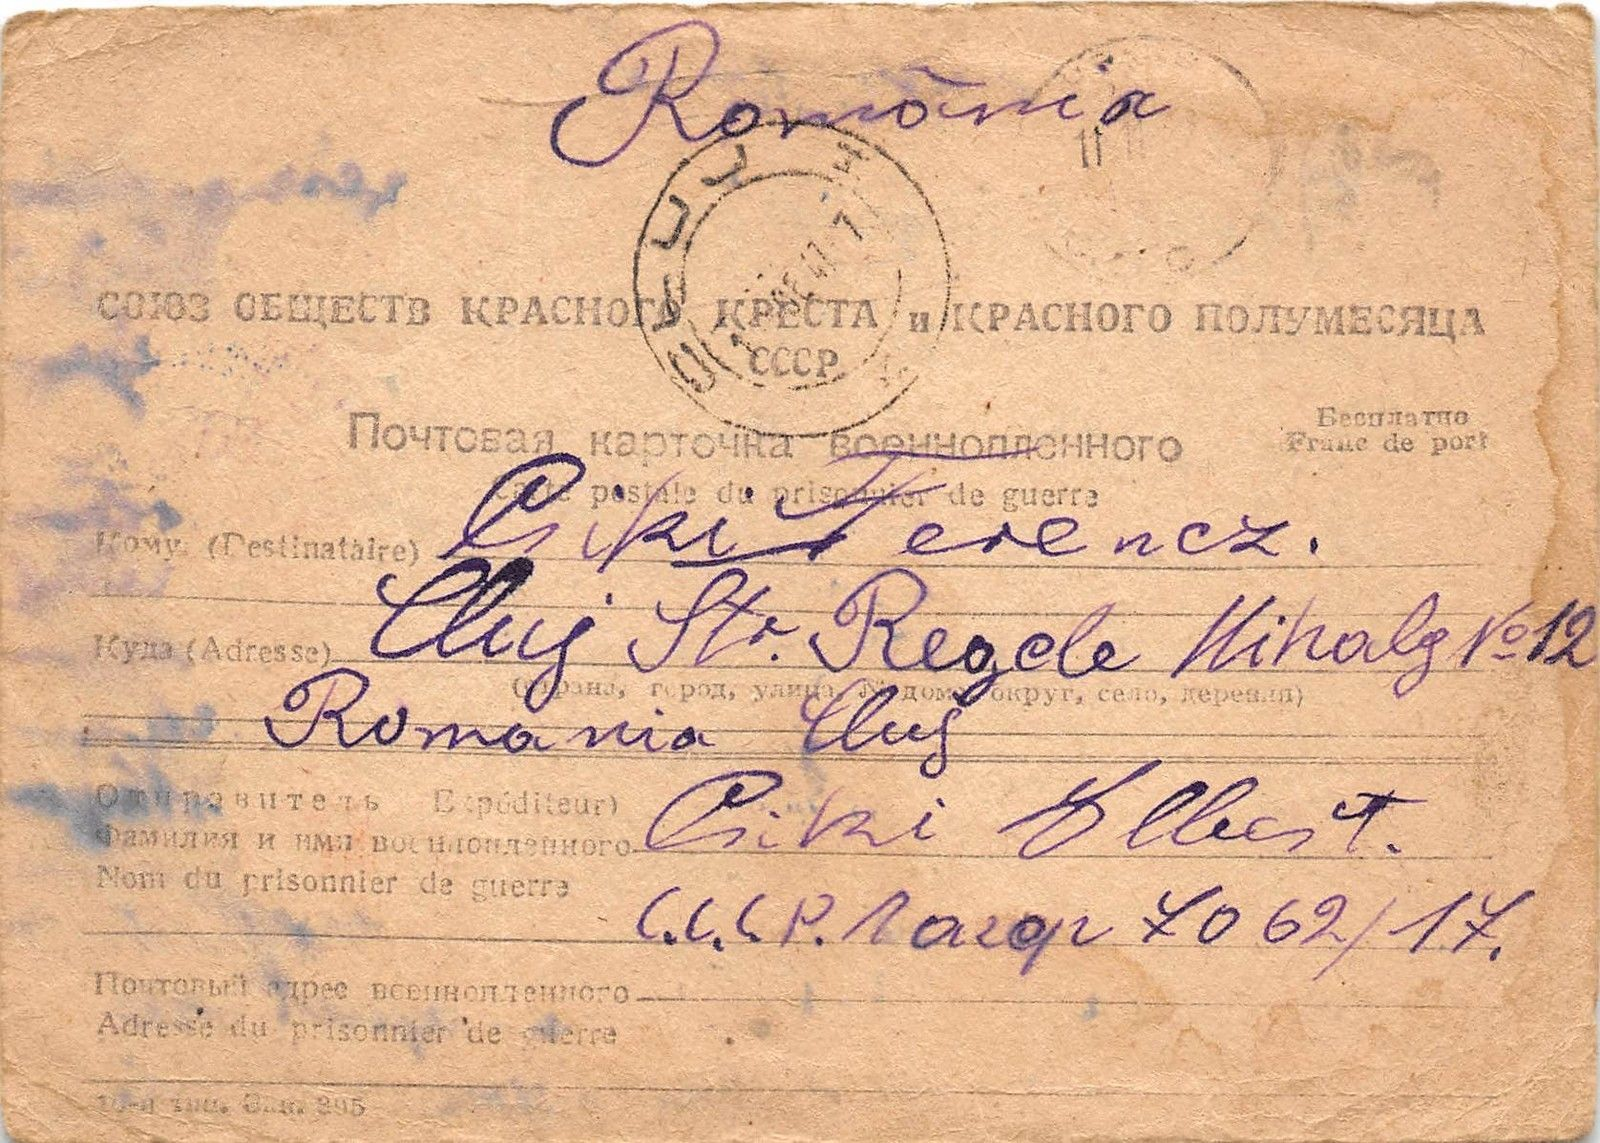 Carte Urss.B58866 Ww2 Carte Postale Prisonier Du Guerre 1948 Urss Russia